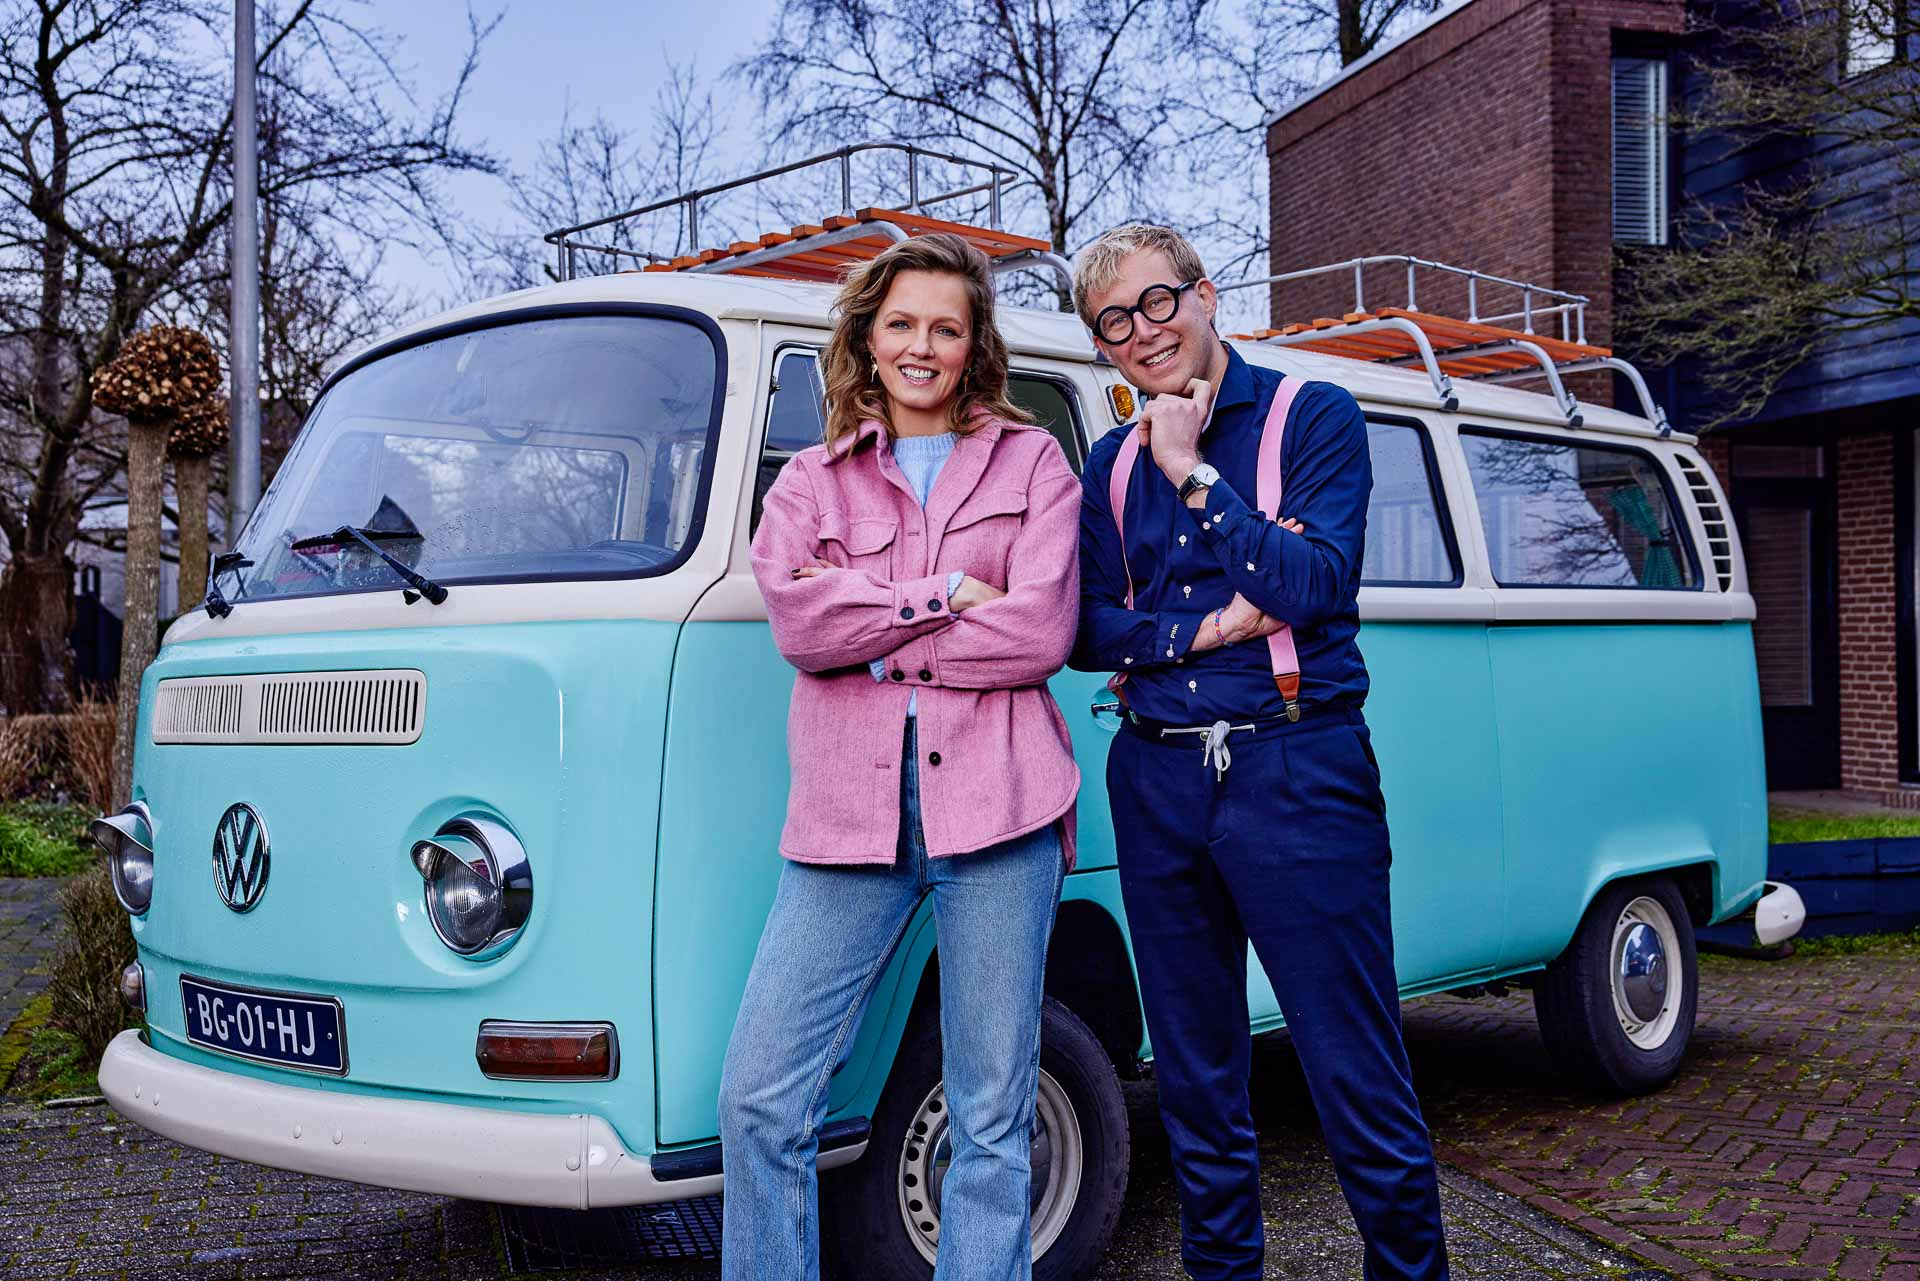 Geert Klaver als TV makelaar in het SBS6 programma kinderen kopen een huis